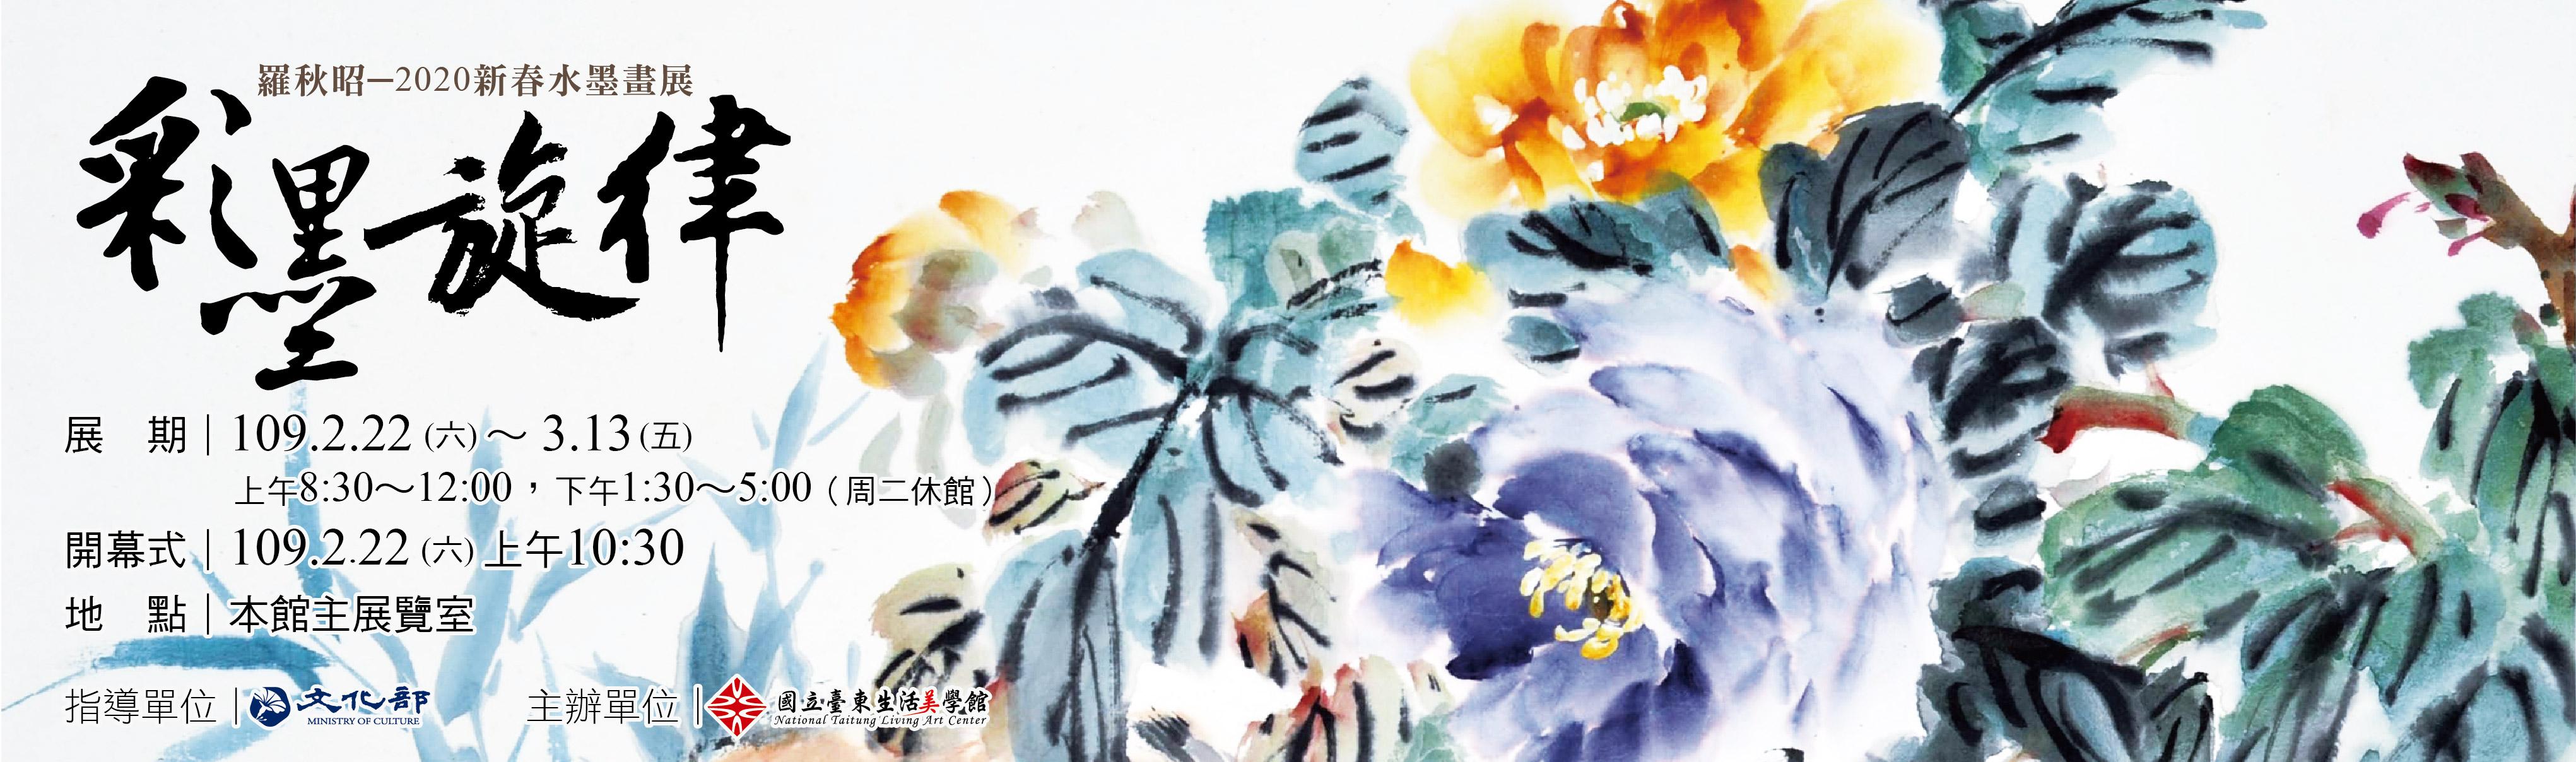 彩墨旋律---羅秋昭 2020新春水墨畫展